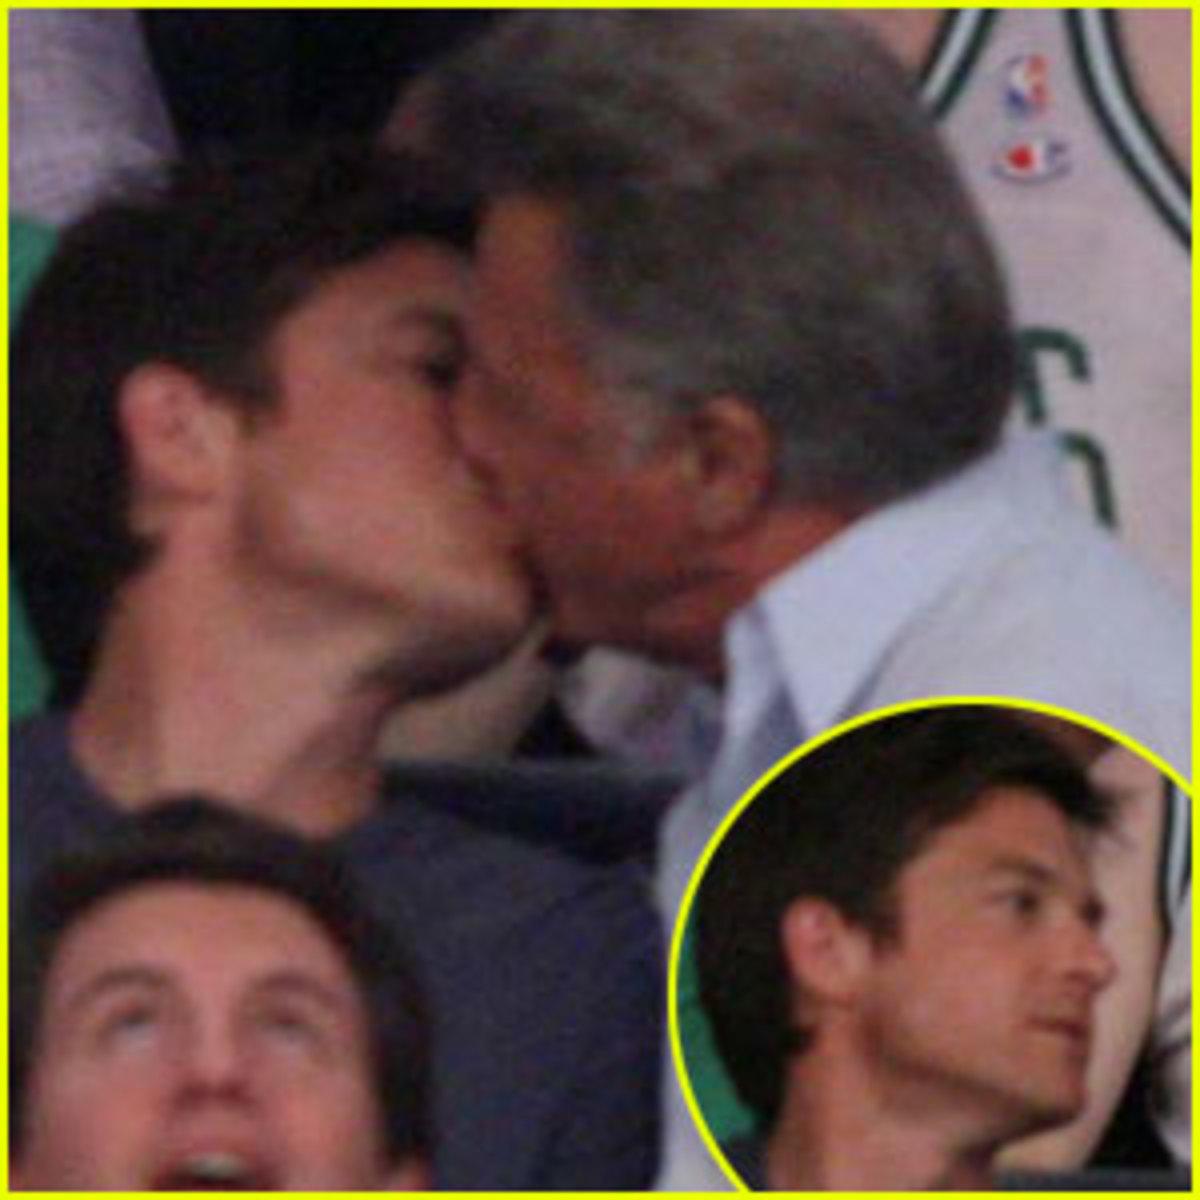 Ο Dustin Hoffman φιλάει με πάθος άντρα στο στόμα! | Newsit.gr